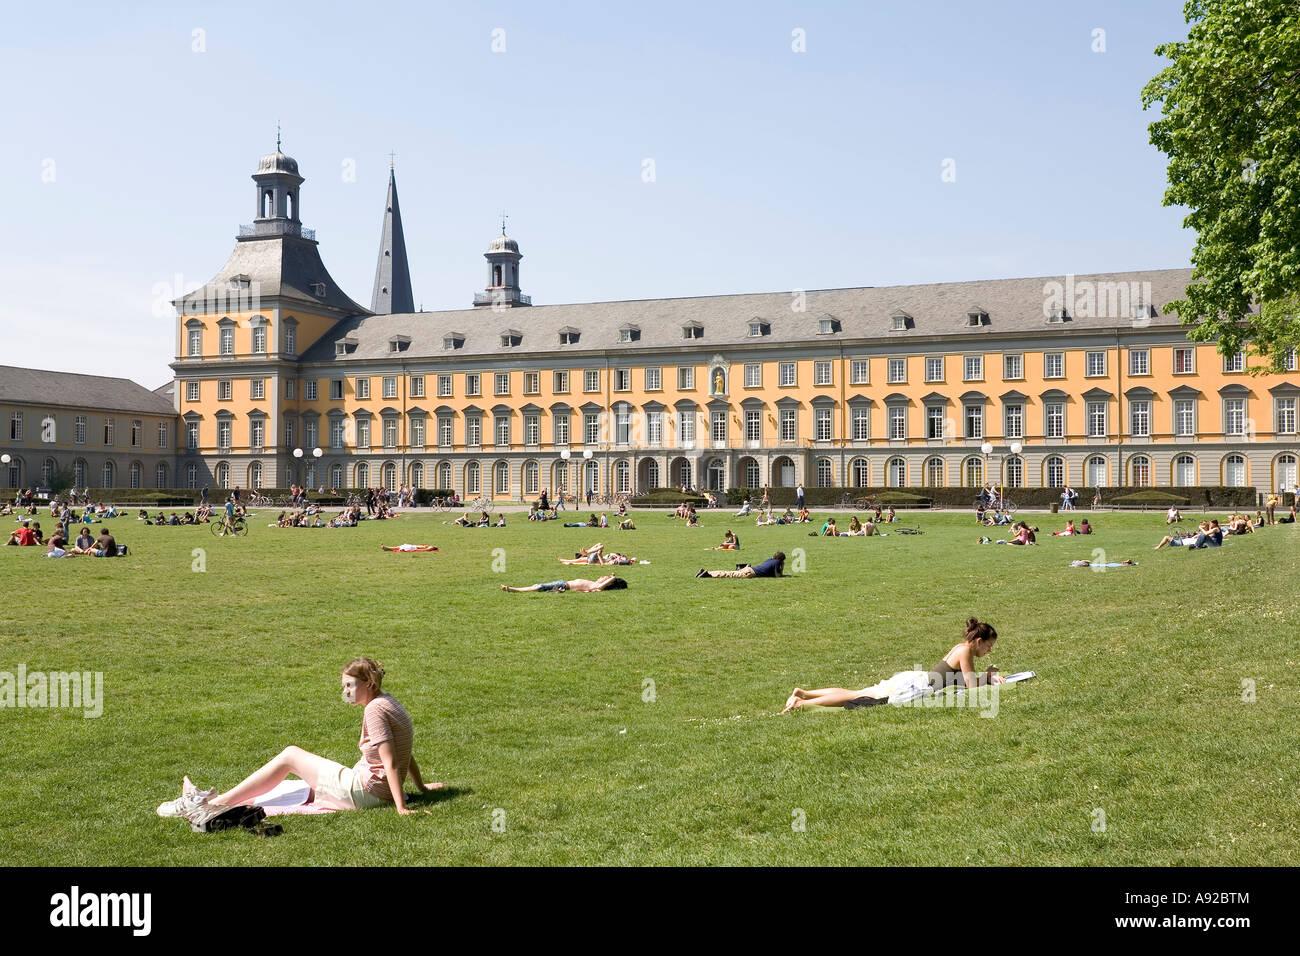 Schloss Der Kurfürsten Universität Bonn Blick Von Der Gärten Nrw